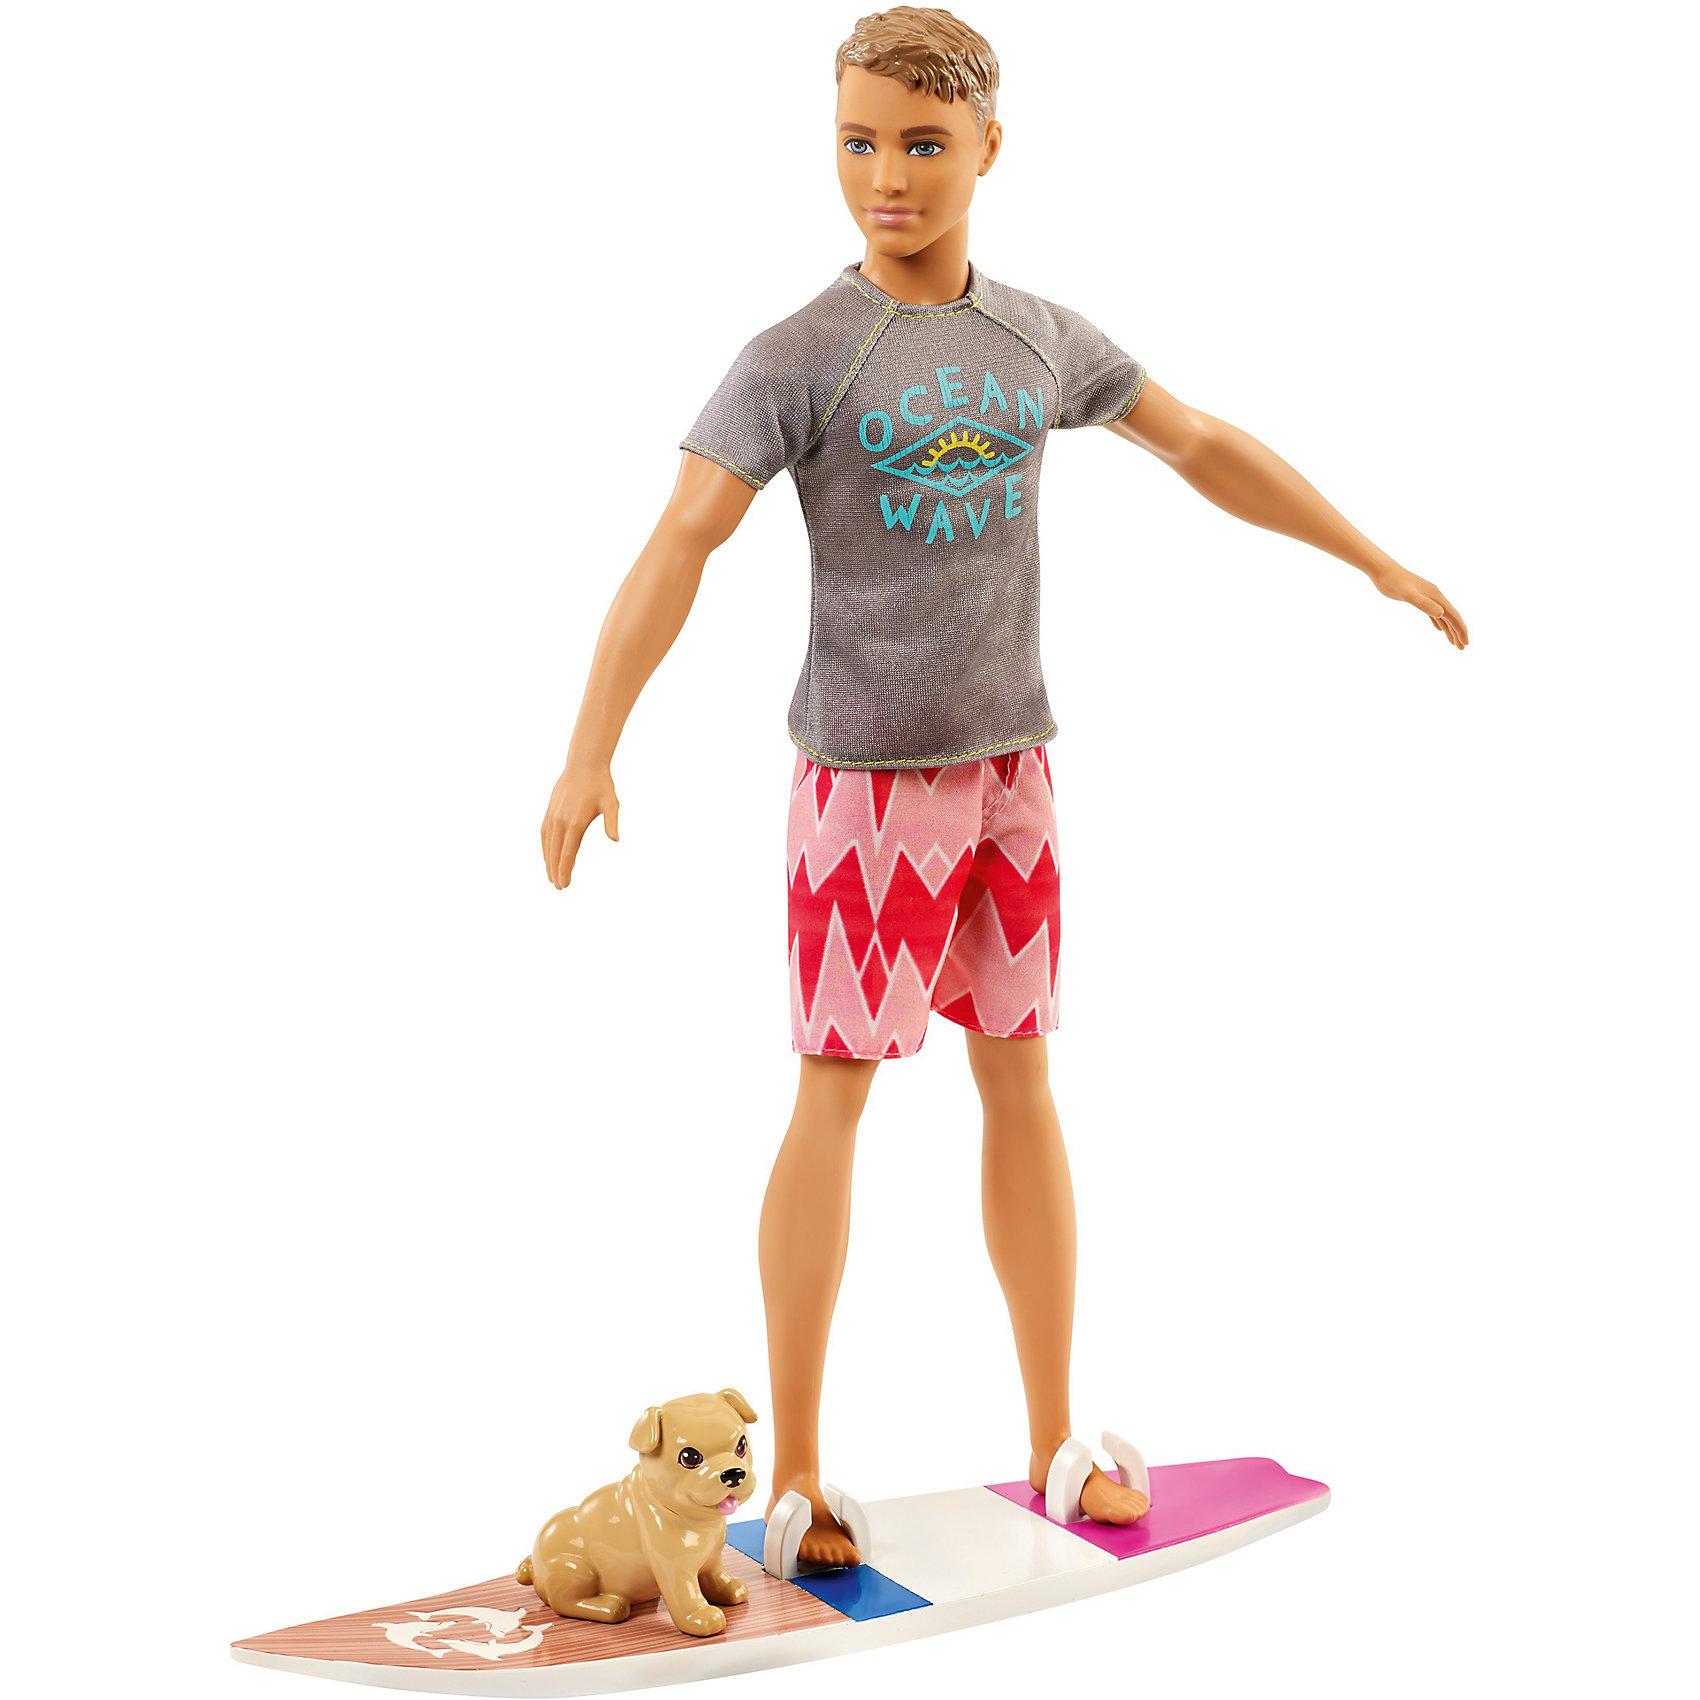 Кукла Barbie Кен из серии «Морские приключения»Бренды кукол<br>Характеристики товара:<br><br>• возраст: от 3 лет<br>• материал: пластик;<br>• высота куклы: 28-30 см<br>• аксессуары в комплекте<br>• размер упаковки: 32,5X23X6 см<br>• страна бренда: США<br><br>В игровом наборе Кен - Морские приключения есть очаровательный щенок и доска для серфинга, чтобы отправиться навстречу тропическим приключениям!<br><br> Ken™ одет в серую футболку с рисунком волны, розовые шорты с узором и белые кроссовки и готов к развлечениям на воде. Его доска для серфинга украшена цветными полосками, ретро-отделкой под дерево и изображением дельфина. <br><br>Помести его ноги в специальные держатели и готовься оседлать волну. А маленький щенок может ехать позади.<br><br>Куклу Barbie Кен из серии «Морские приключения» можно купить в нашем интернет-магазине.<br><br>Ширина мм: 324<br>Глубина мм: 154<br>Высота мм: 66<br>Вес г: 275<br>Возраст от месяцев: 36<br>Возраст до месяцев: 72<br>Пол: Женский<br>Возраст: Детский<br>SKU: 6739681